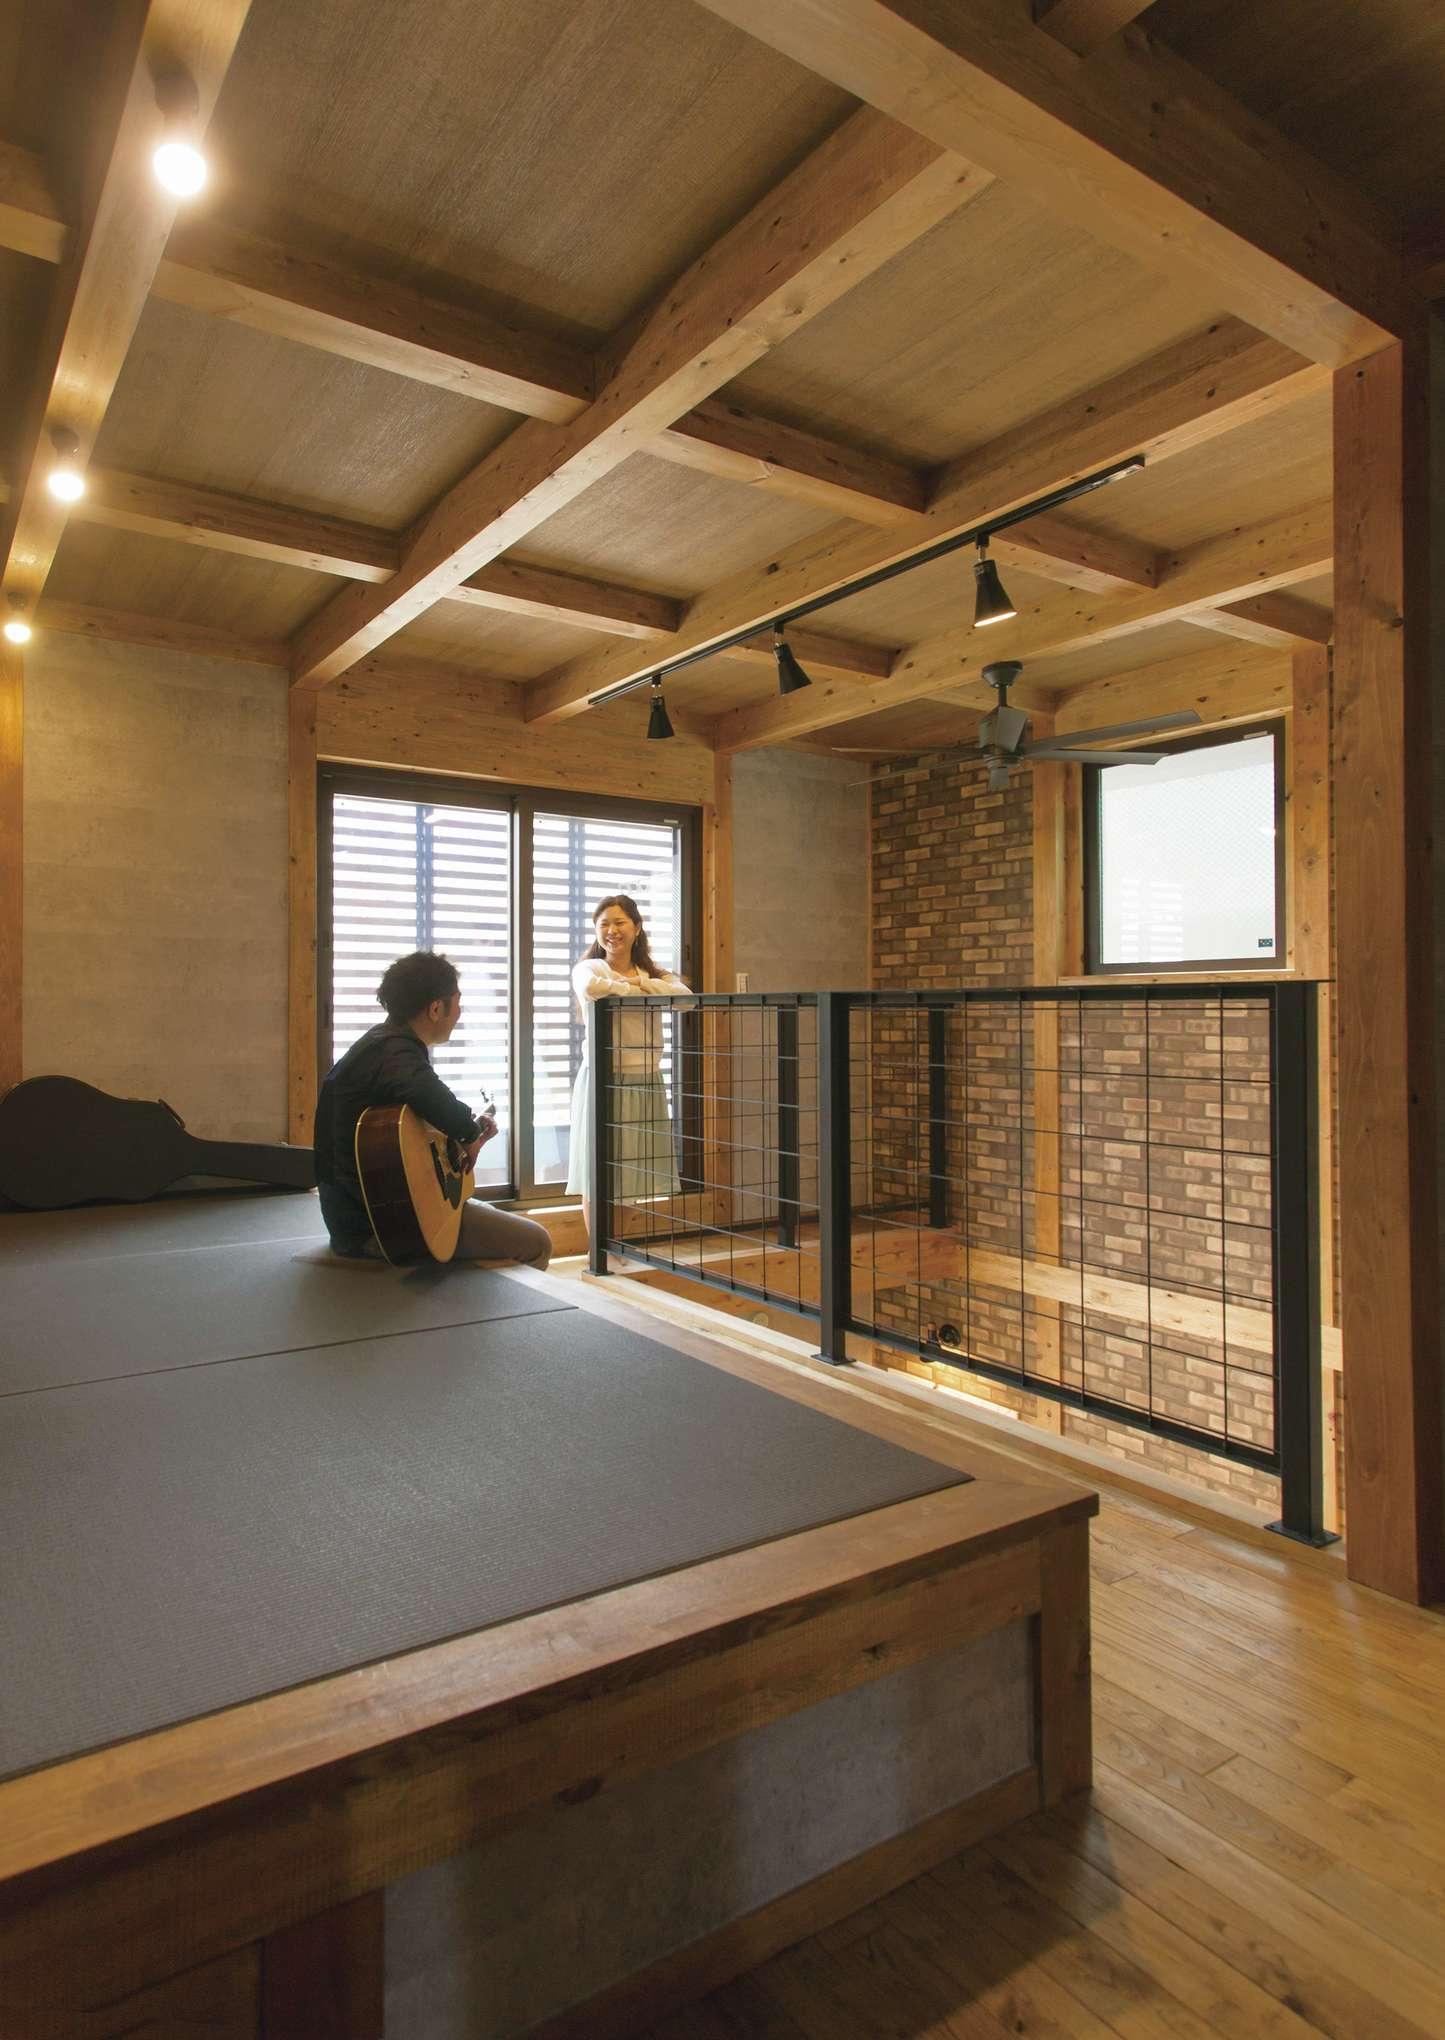 サイエンスホーム【1000万円台、デザイン住宅、間取り】2階のフリースペースに設けた小上がりの畳コーナー。ちょっと横になりたい時、洗濯物をたたむ時にも便利。アイアンの手すりがアクセントに